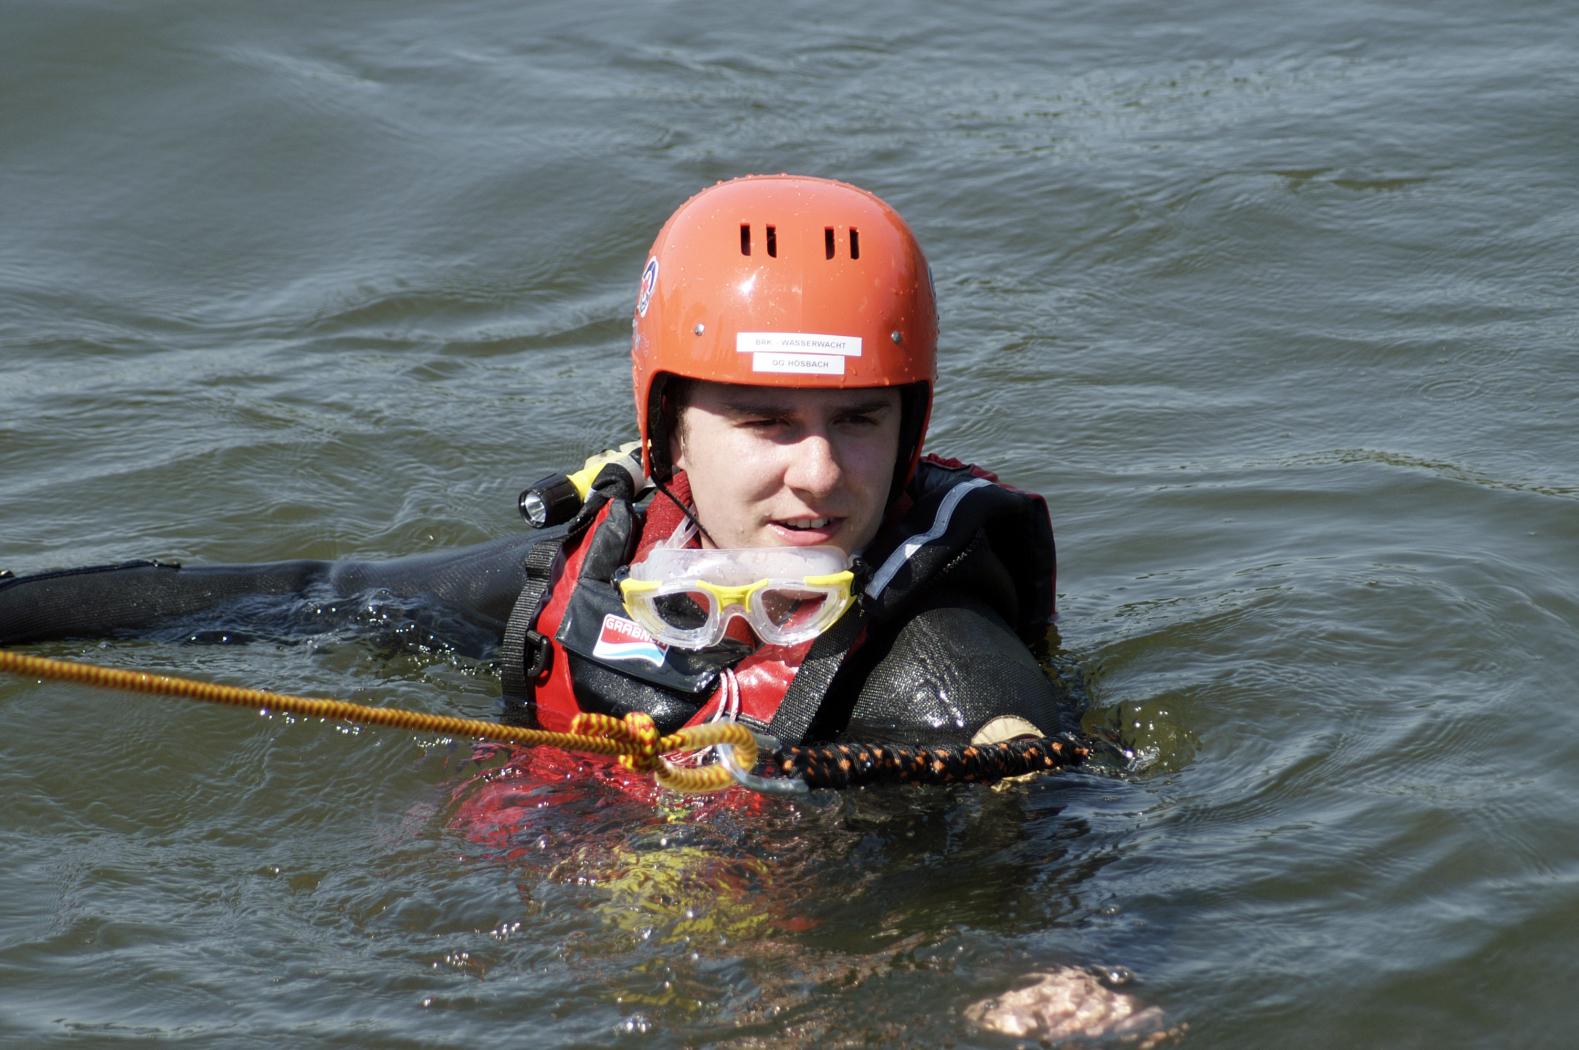 Wasserwacht Übung, 06.05.2007